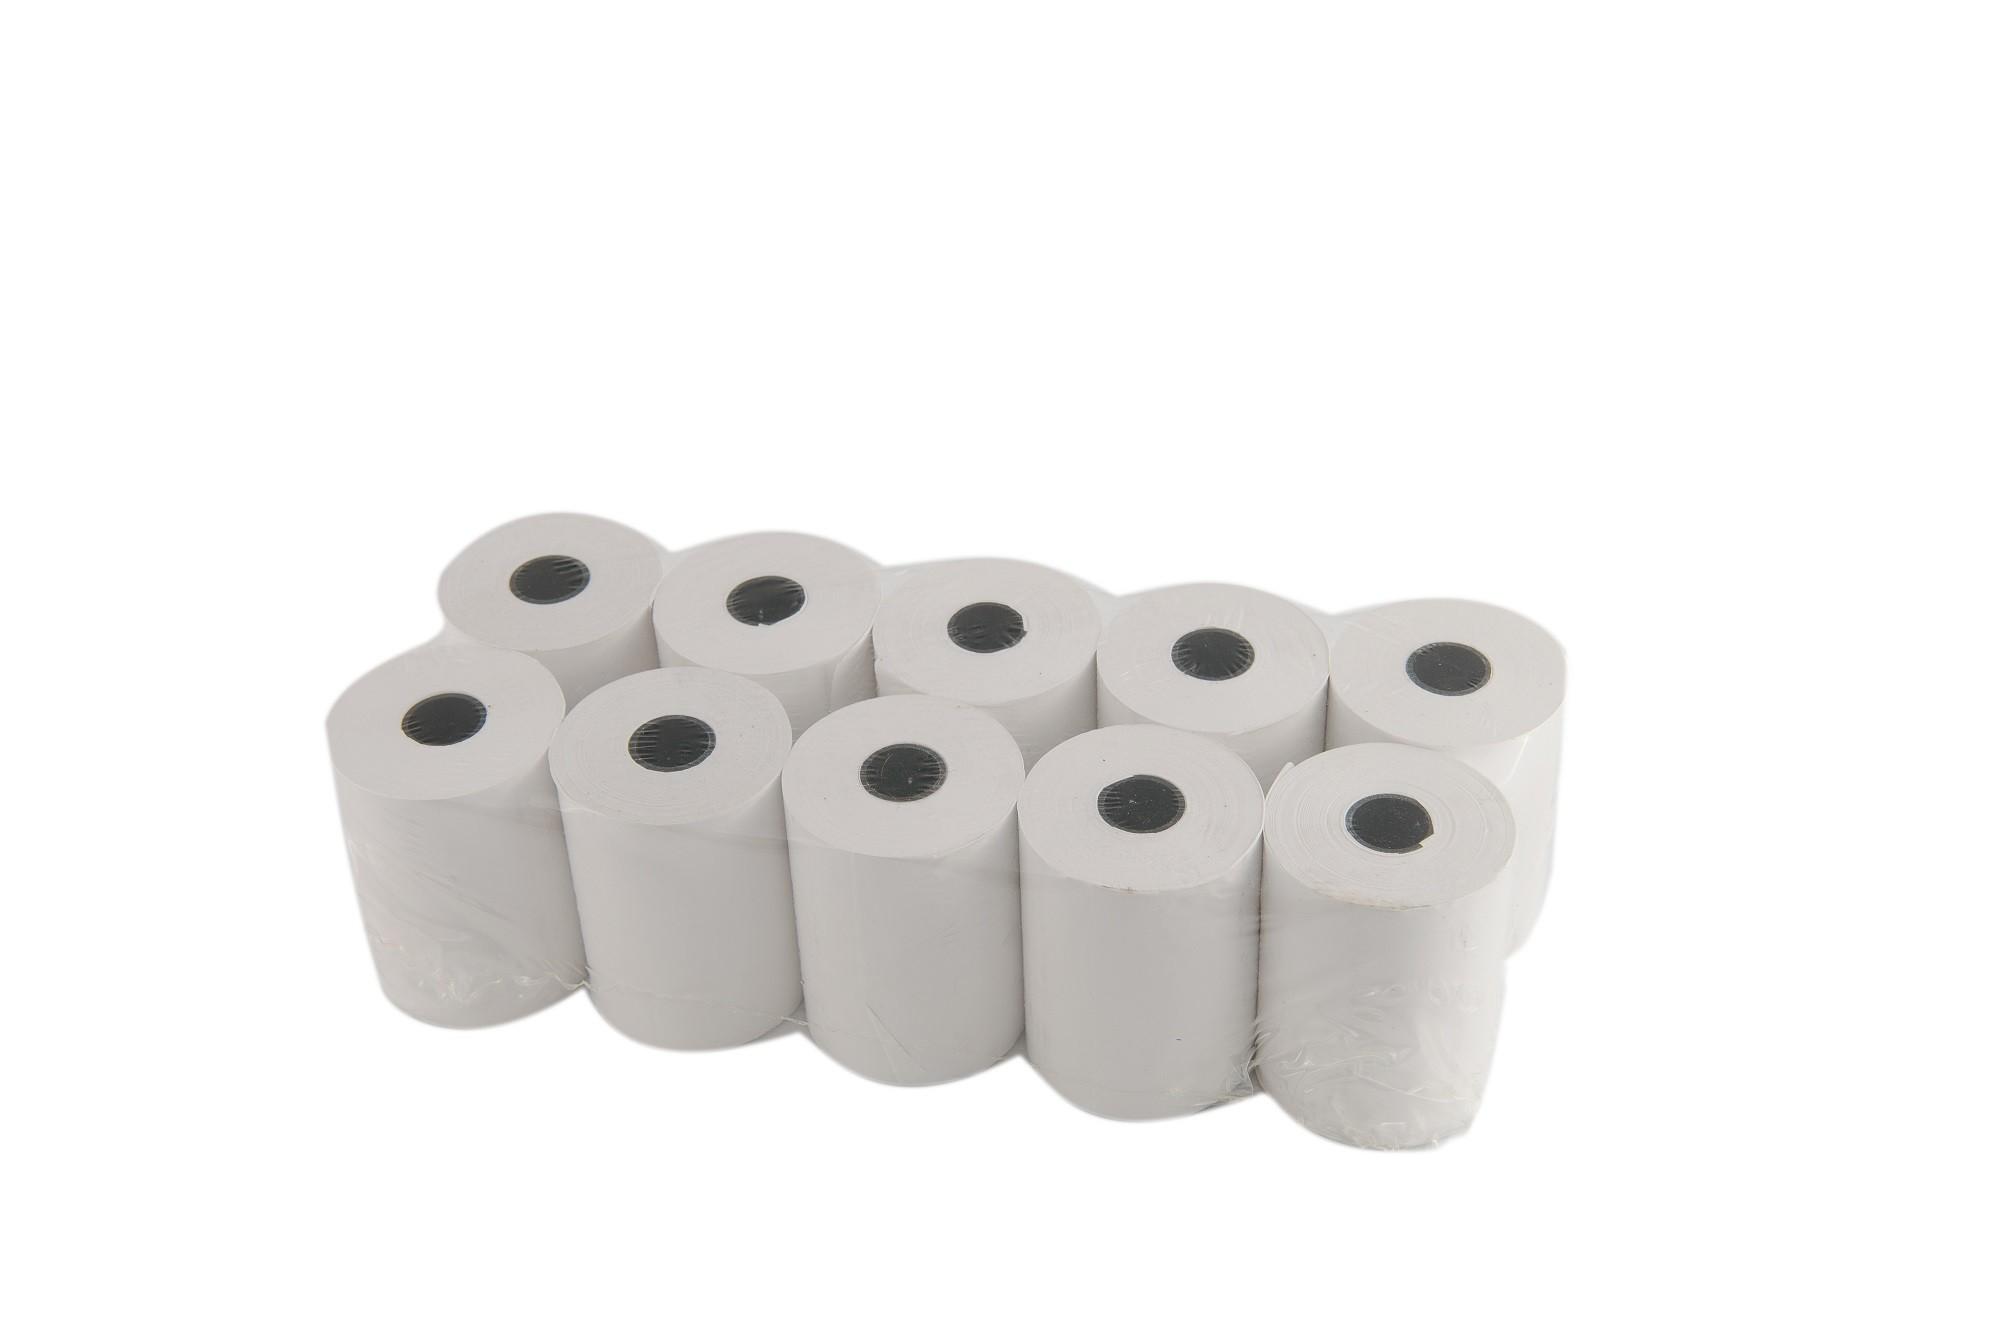 Termálne valčeky pre hotovostné registre R28 / 30MB (10SZTUK)